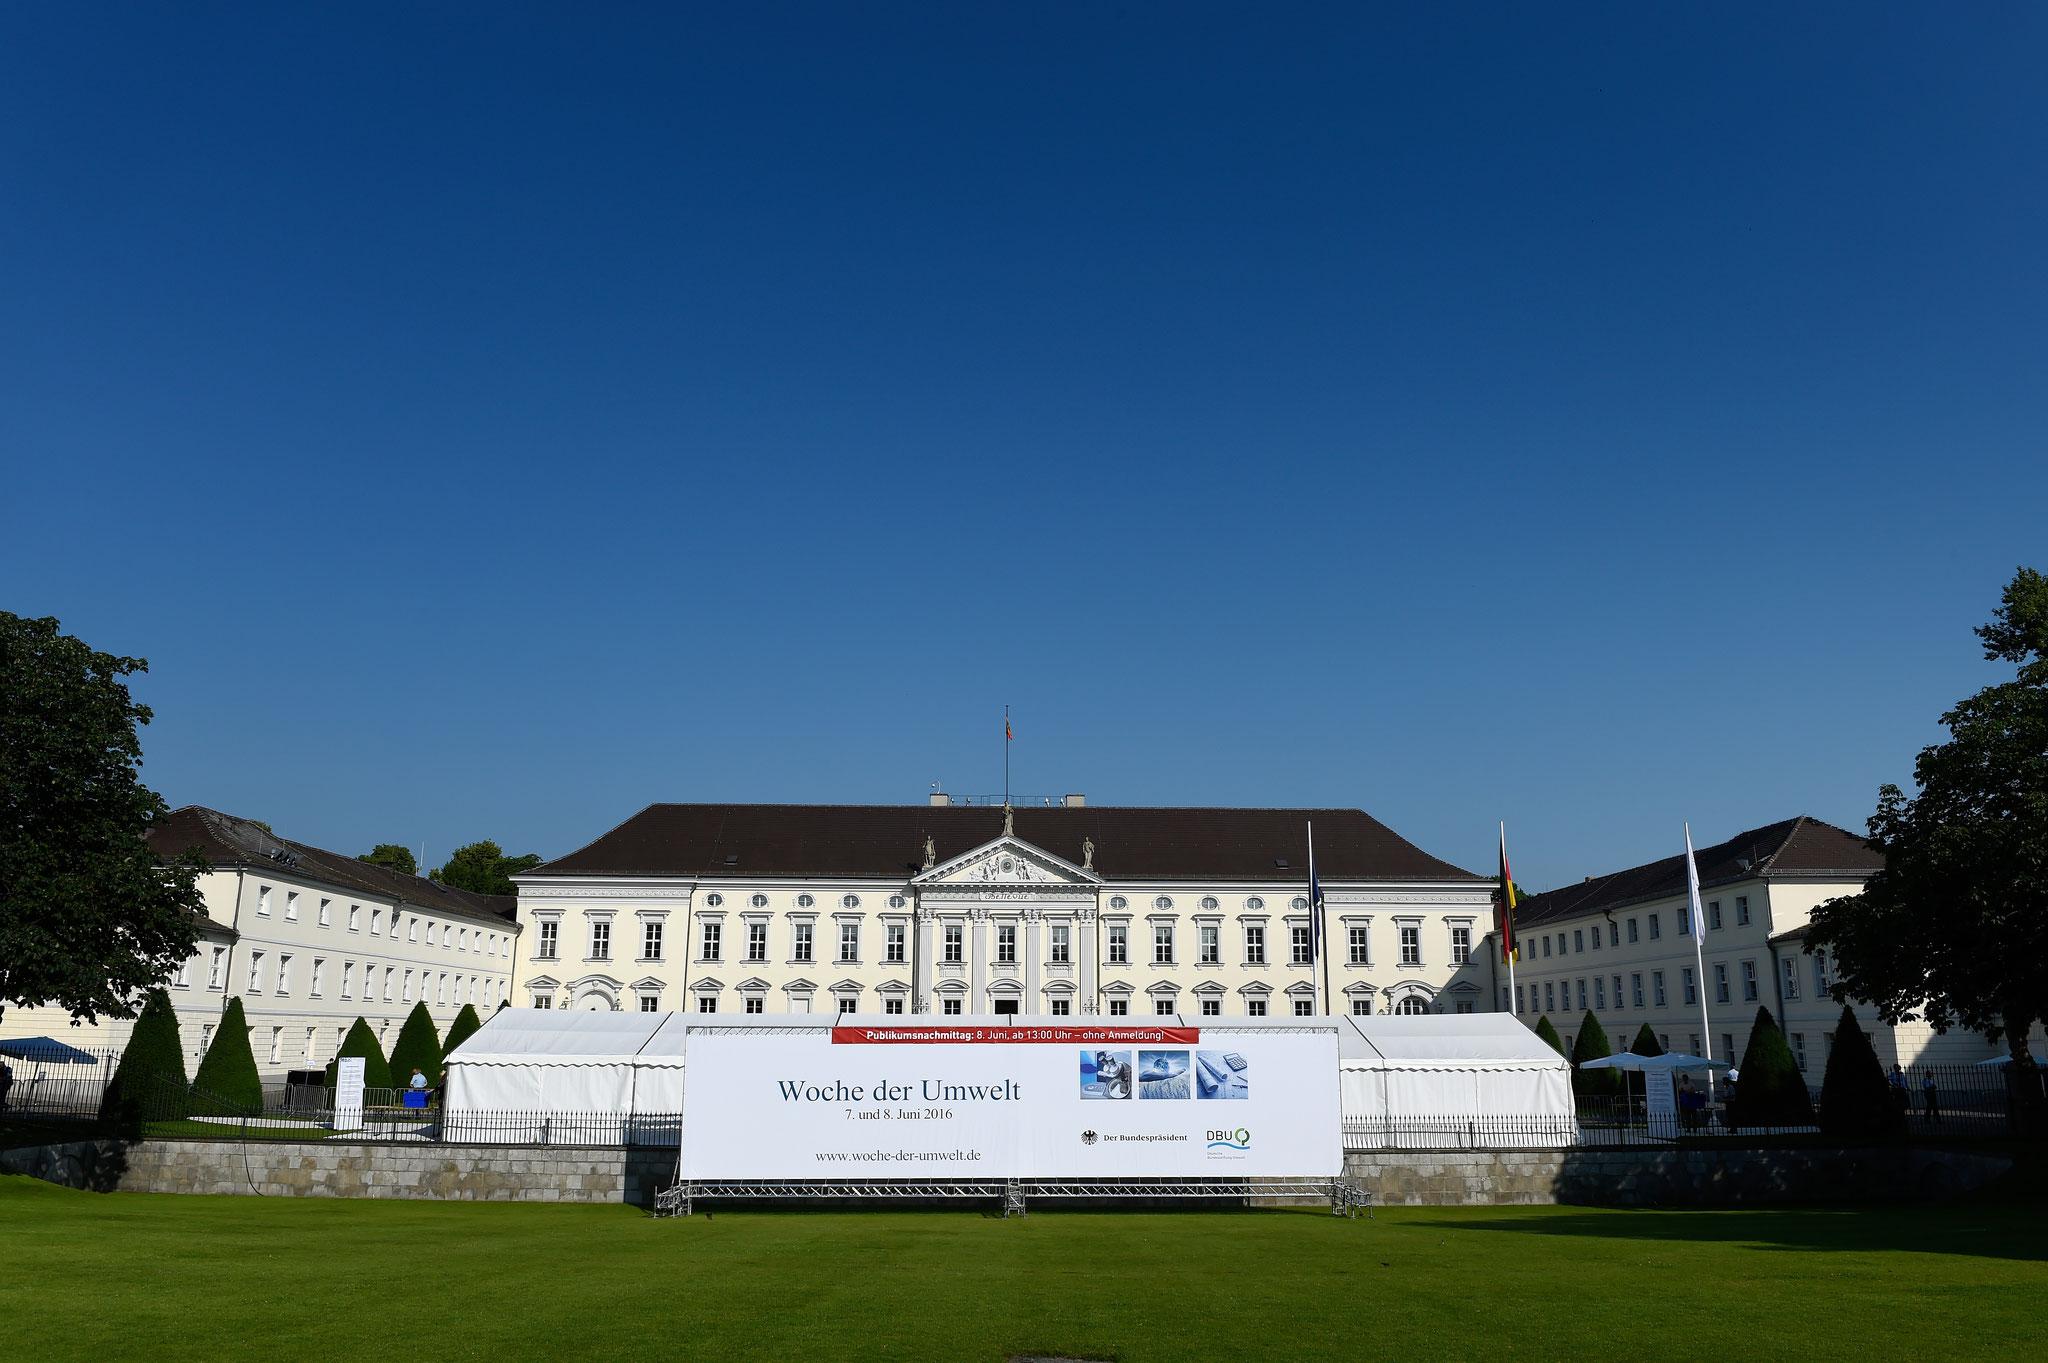 Knapp 200 Aussteller, über 80 Diskussionsrunden und rund 13.000 Besucher verwandelten den Schlosspark in ein lebendiges Forum für Umweltschutz und Nachhaltigkeit. Foto: DBU Archiv, P. Himsel